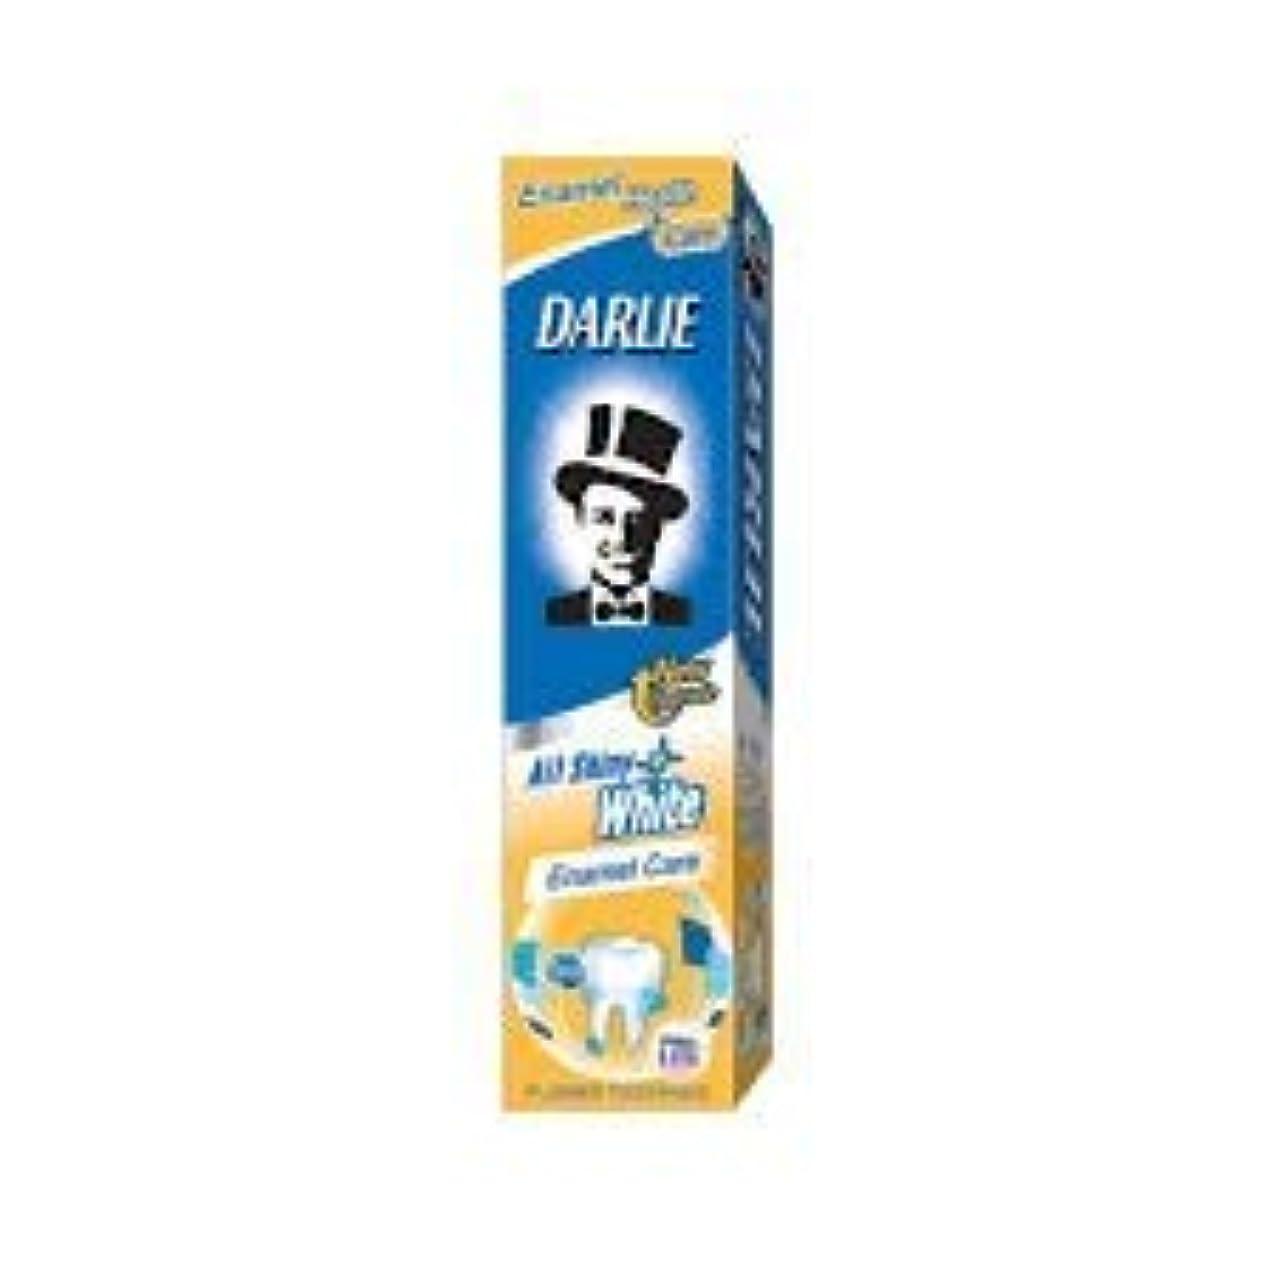 ヘッドレスエジプト未満DARLIE 含むフッ素戦うされたチャンバと、歯を保護する - 全て歯磨き粉光沢のある白色エナメル140グラム気